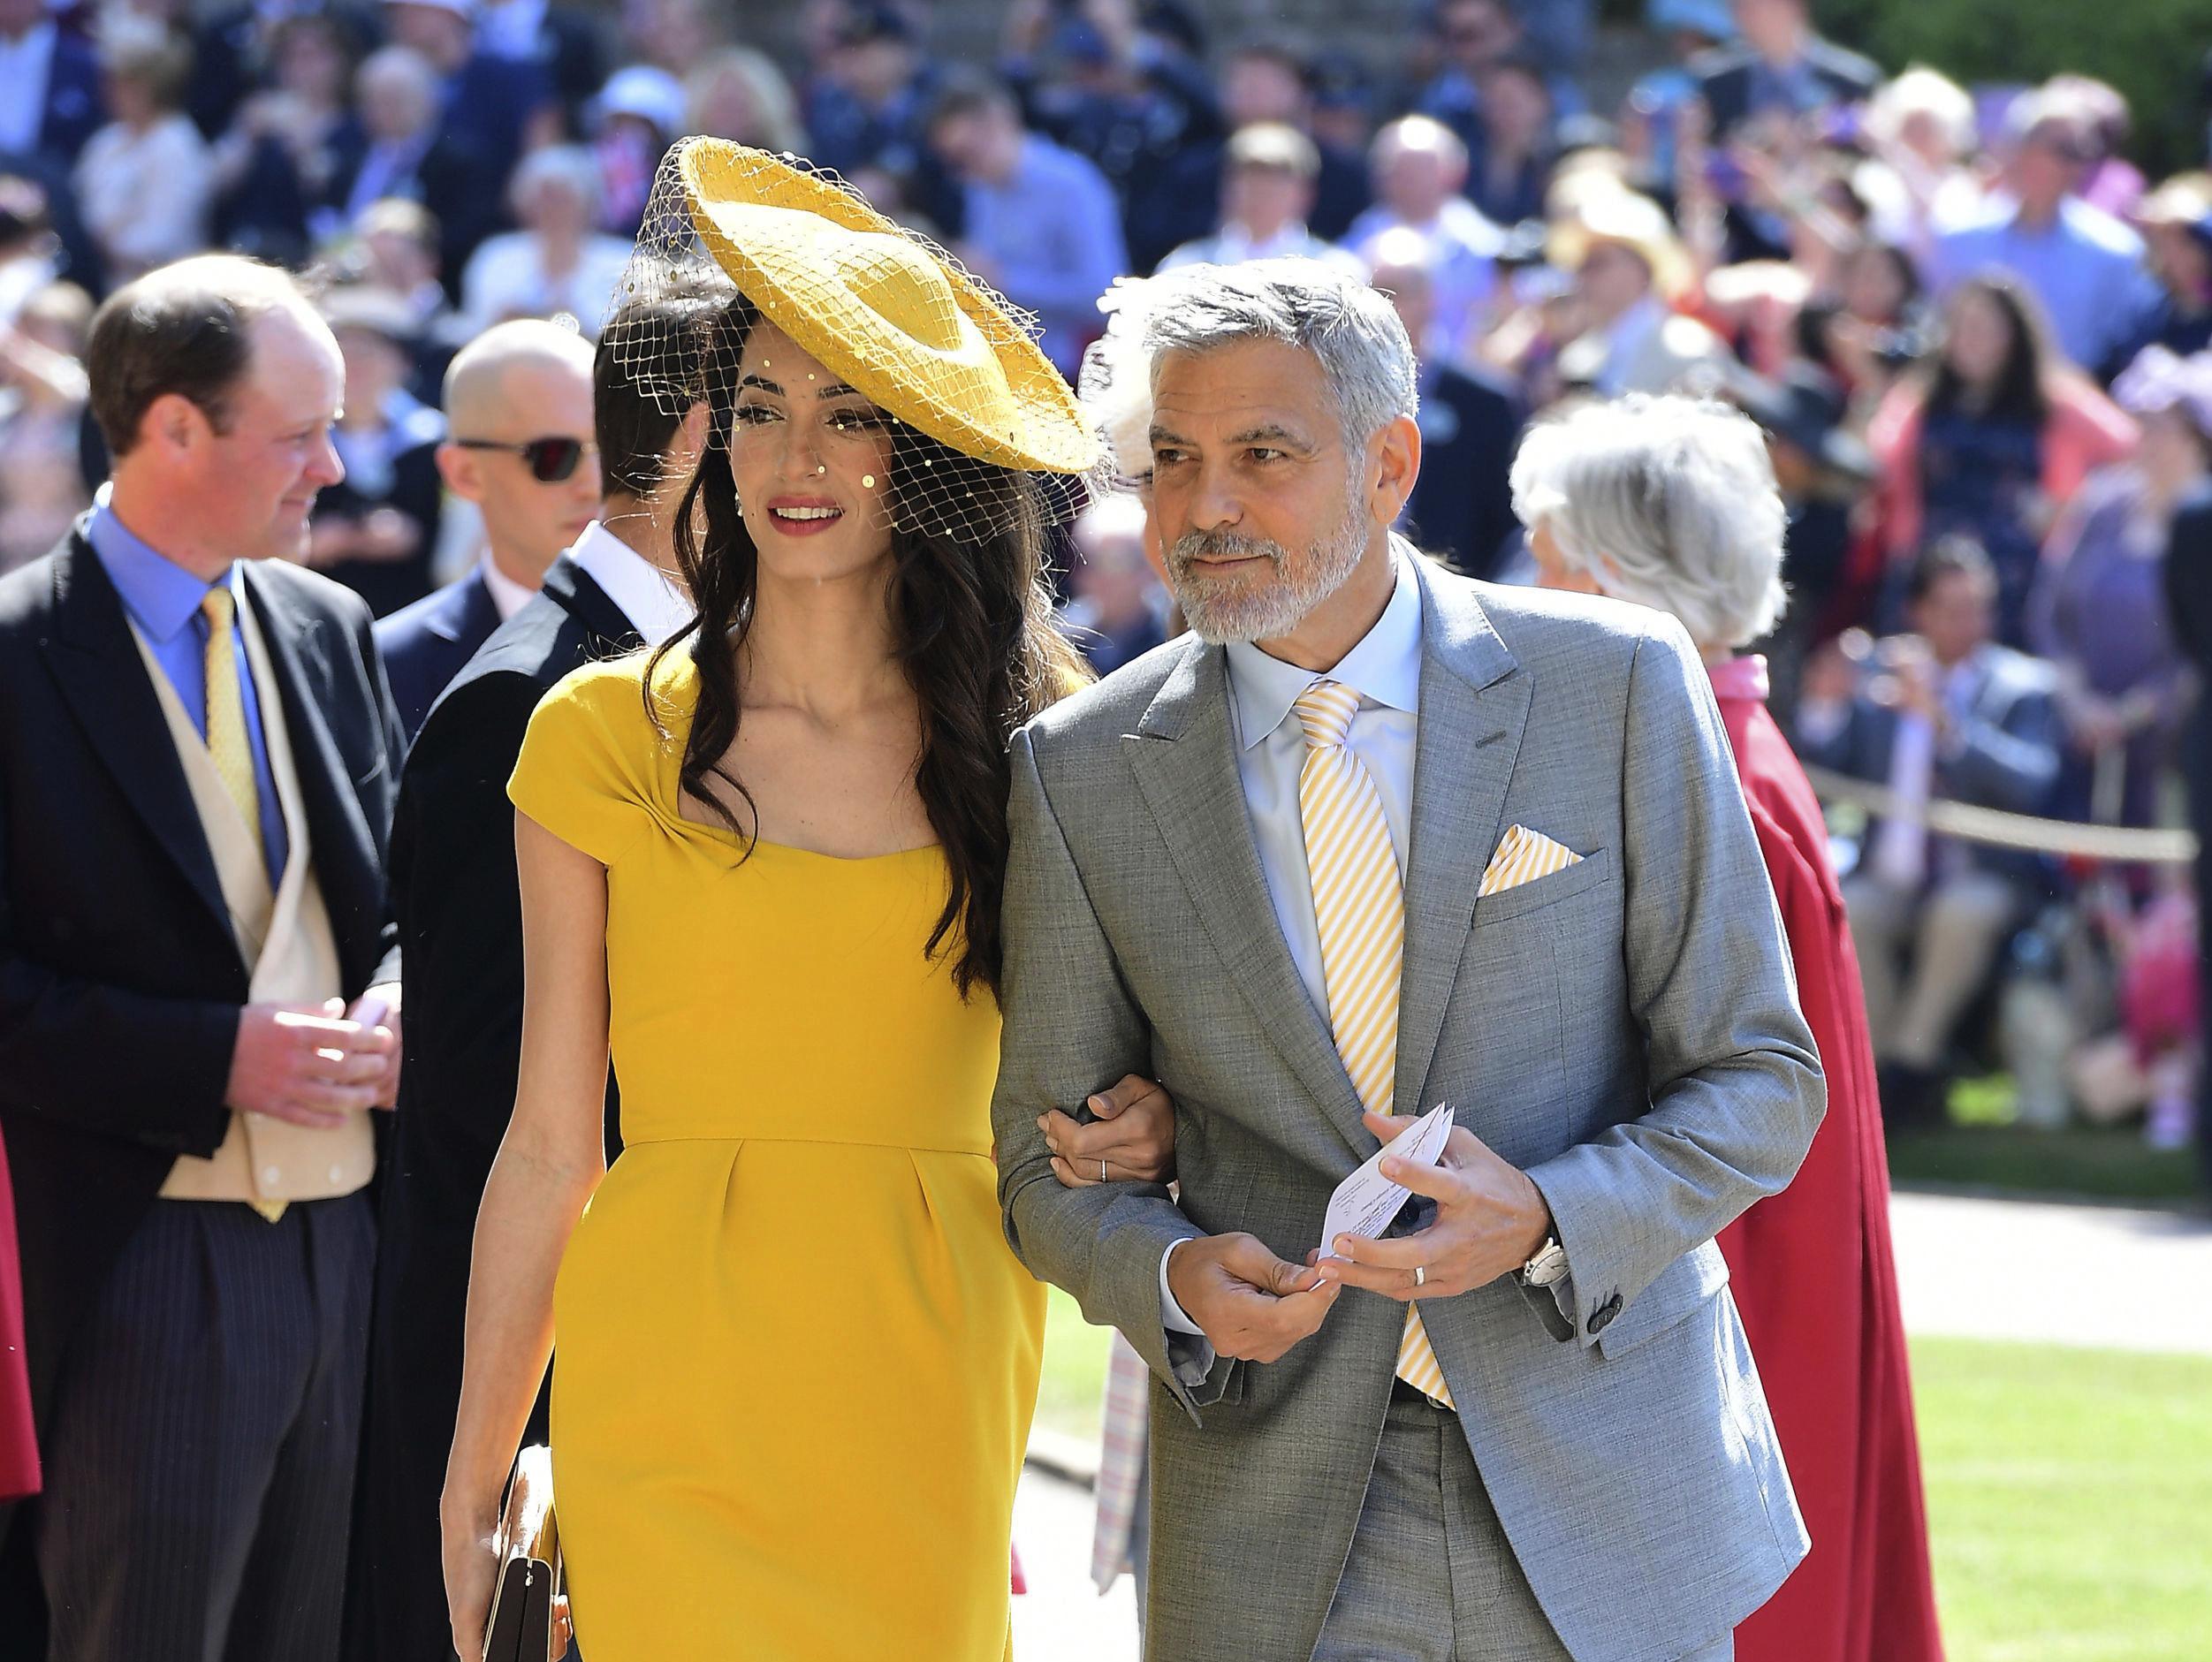 סתם זרקתי על עצמי משהו: מה לבשו האורחות המפורסמות בחתונה המלכותית?